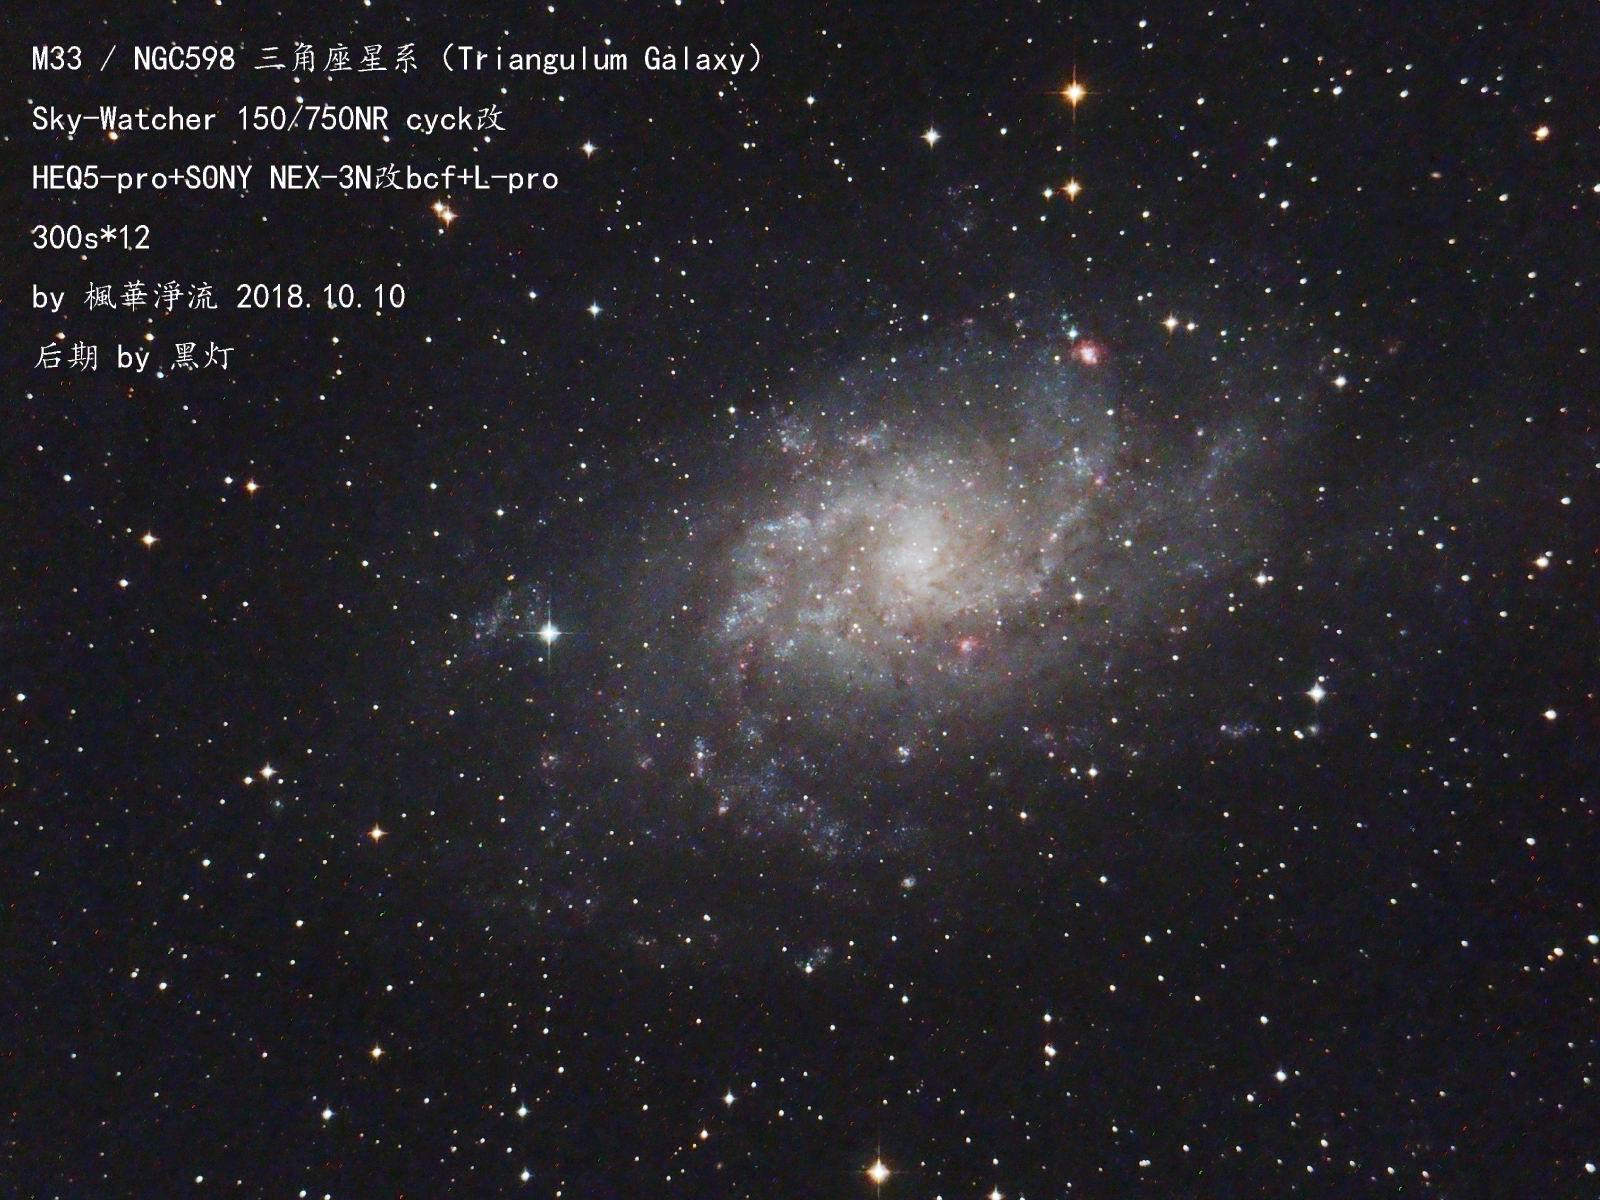 181010 M33三角座星系 signed 黑灯后期.jpg